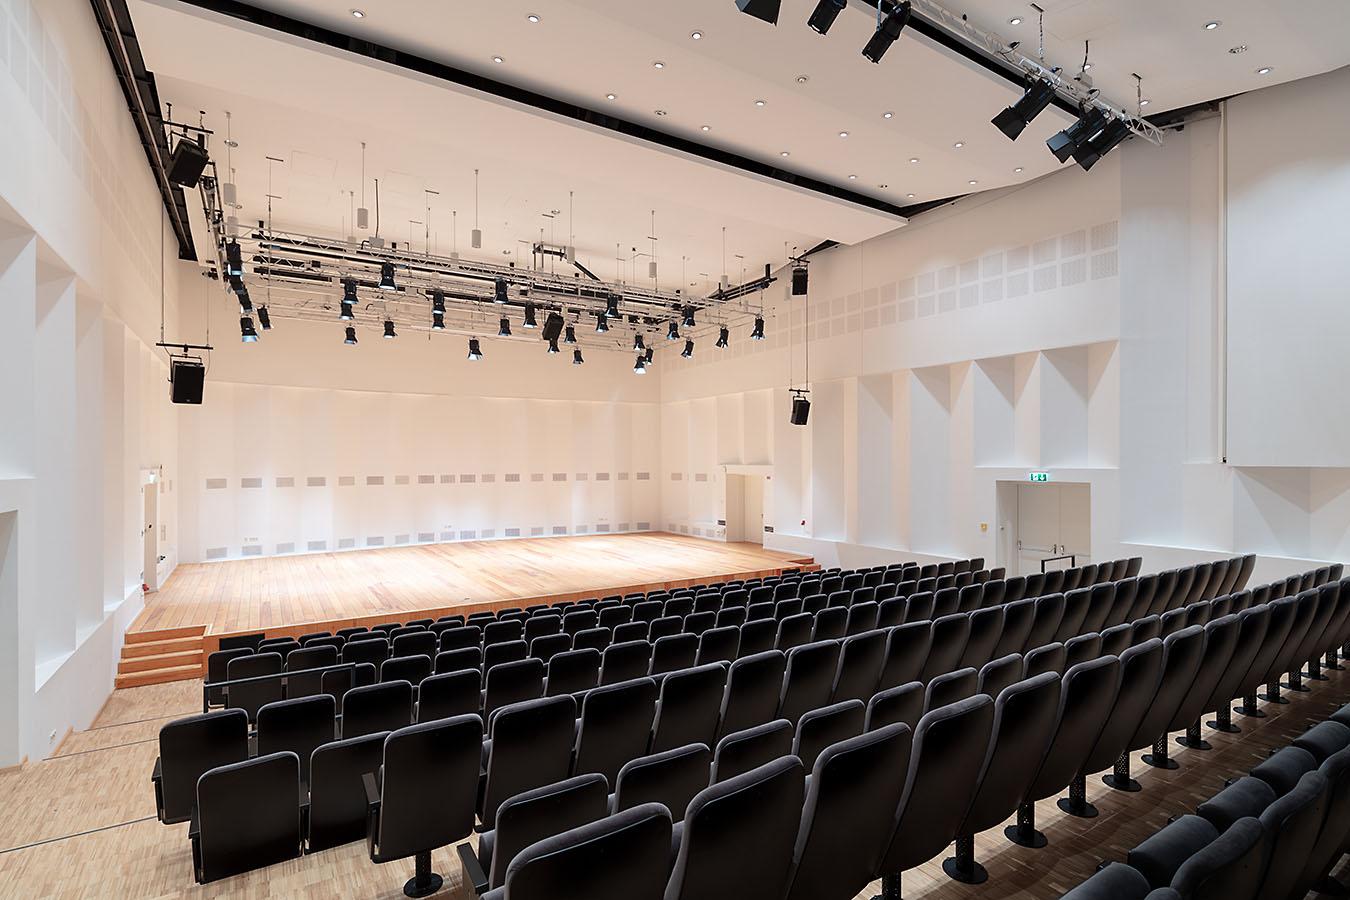 Orchesterzentrum NRW, Dortmund